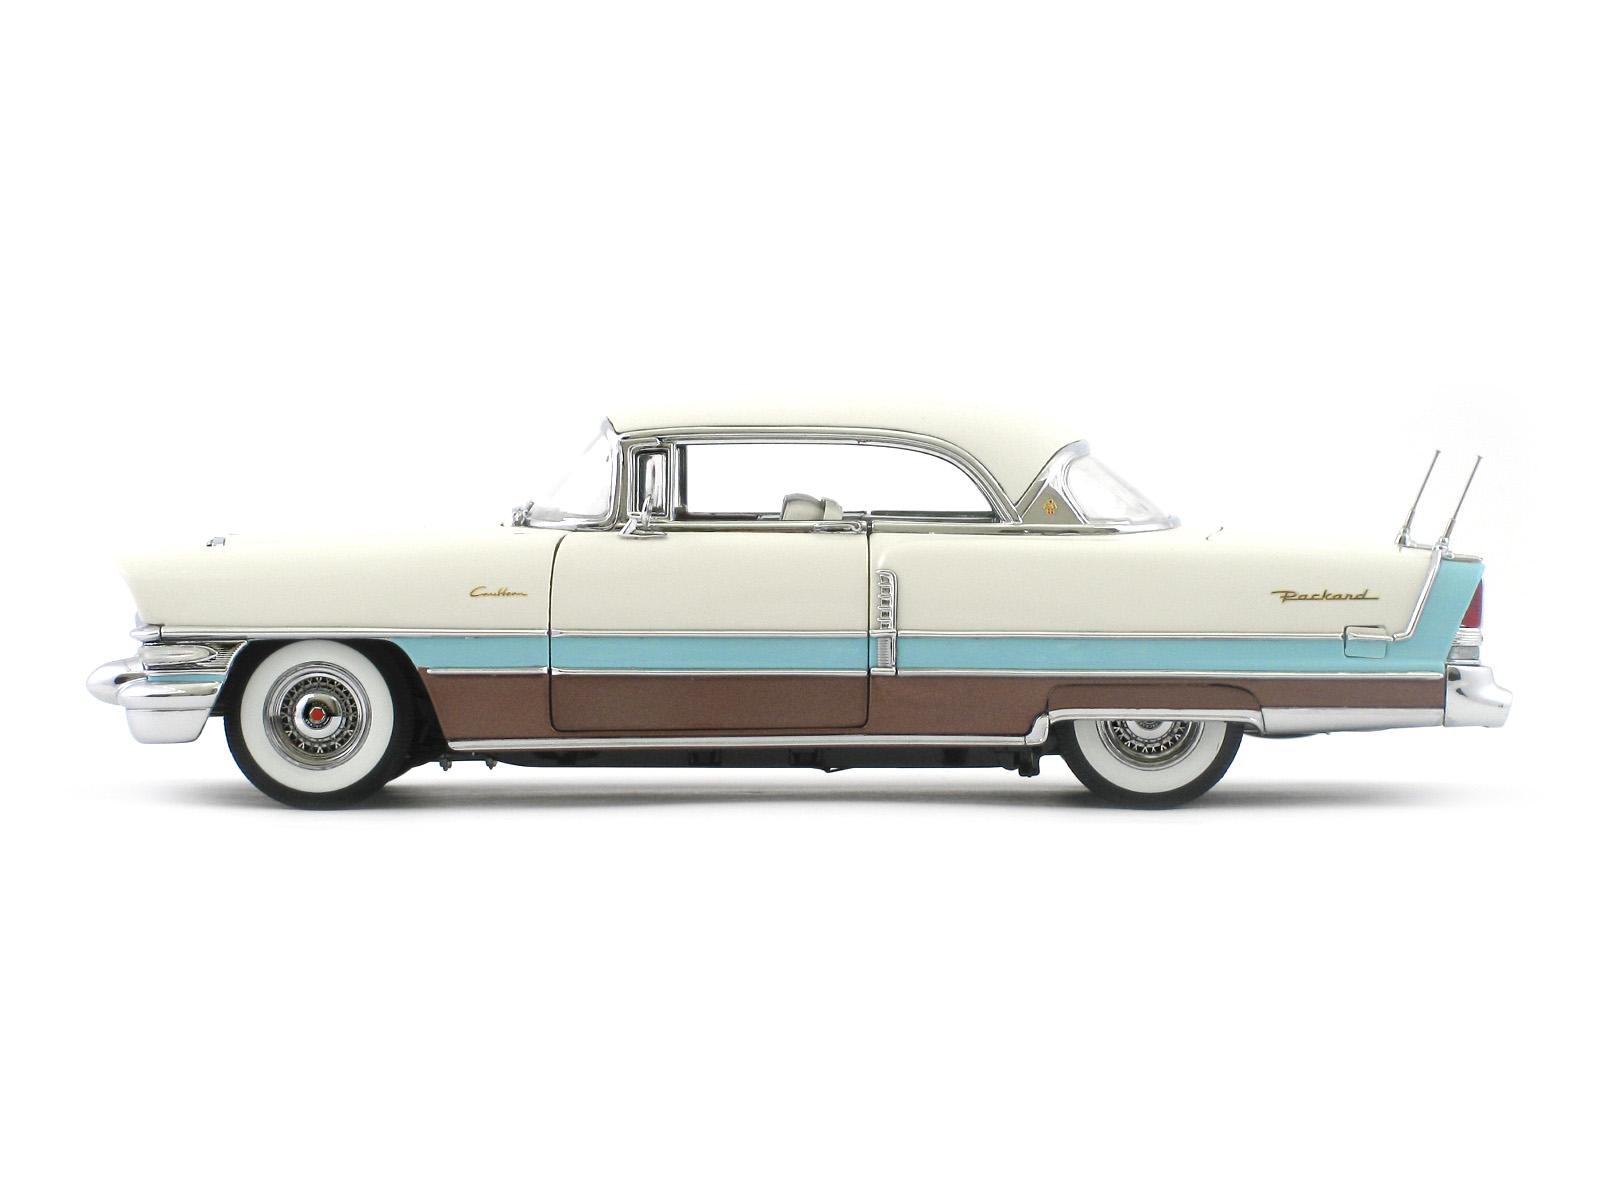 1956 Packard Caribbean Hardtop Danbury Mint